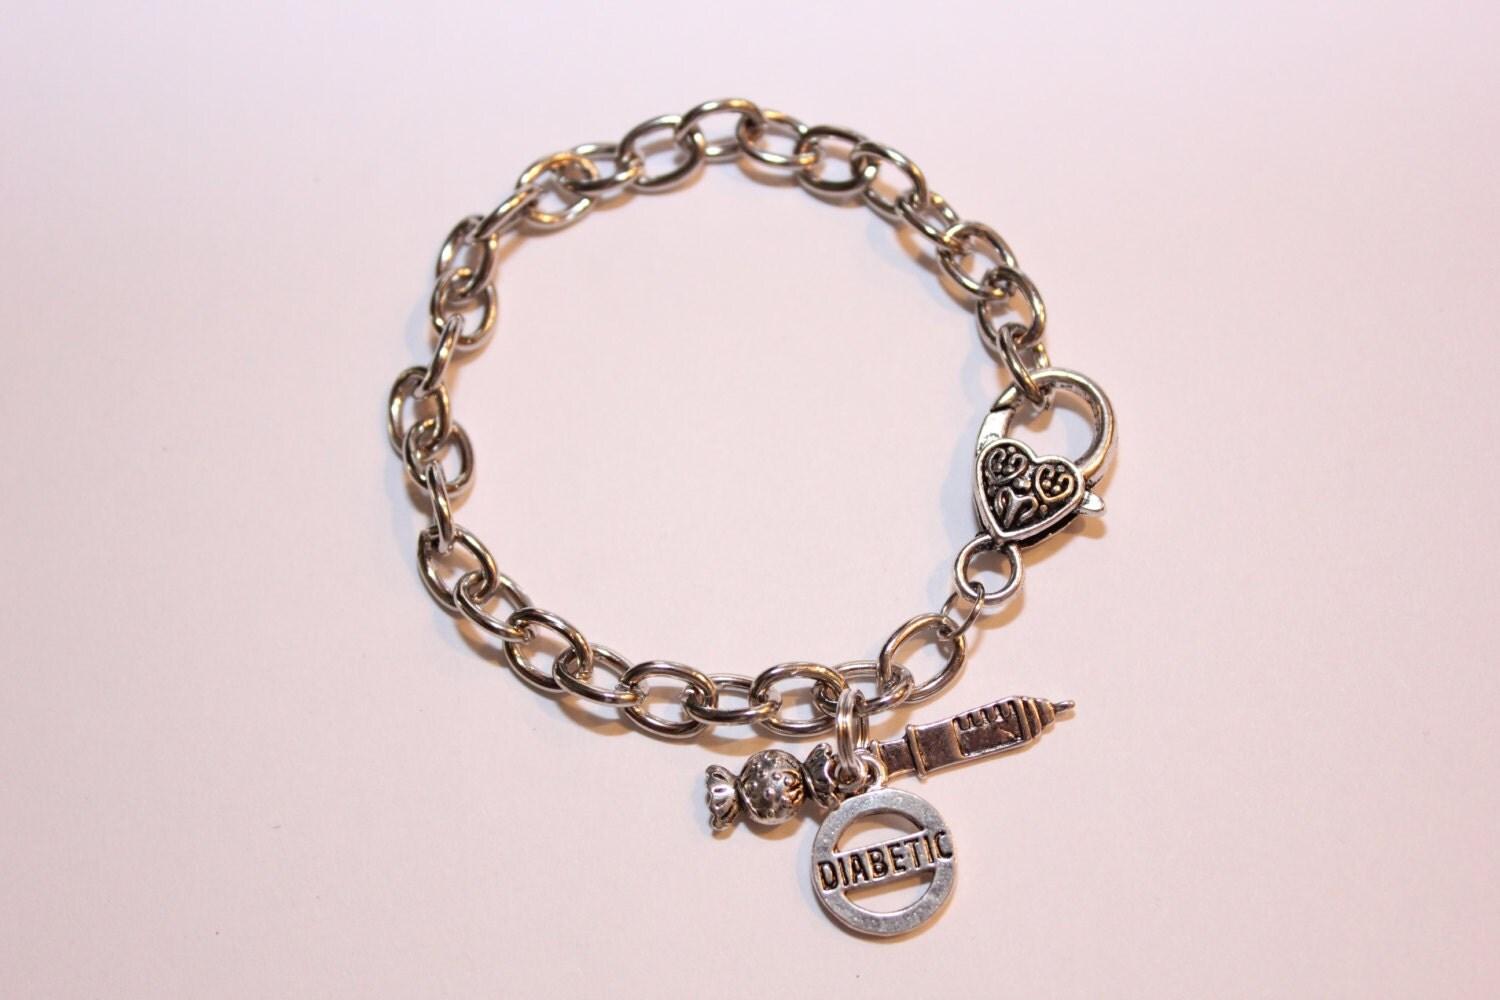 diabetic diabetes medic alert adjustable silver bracelet